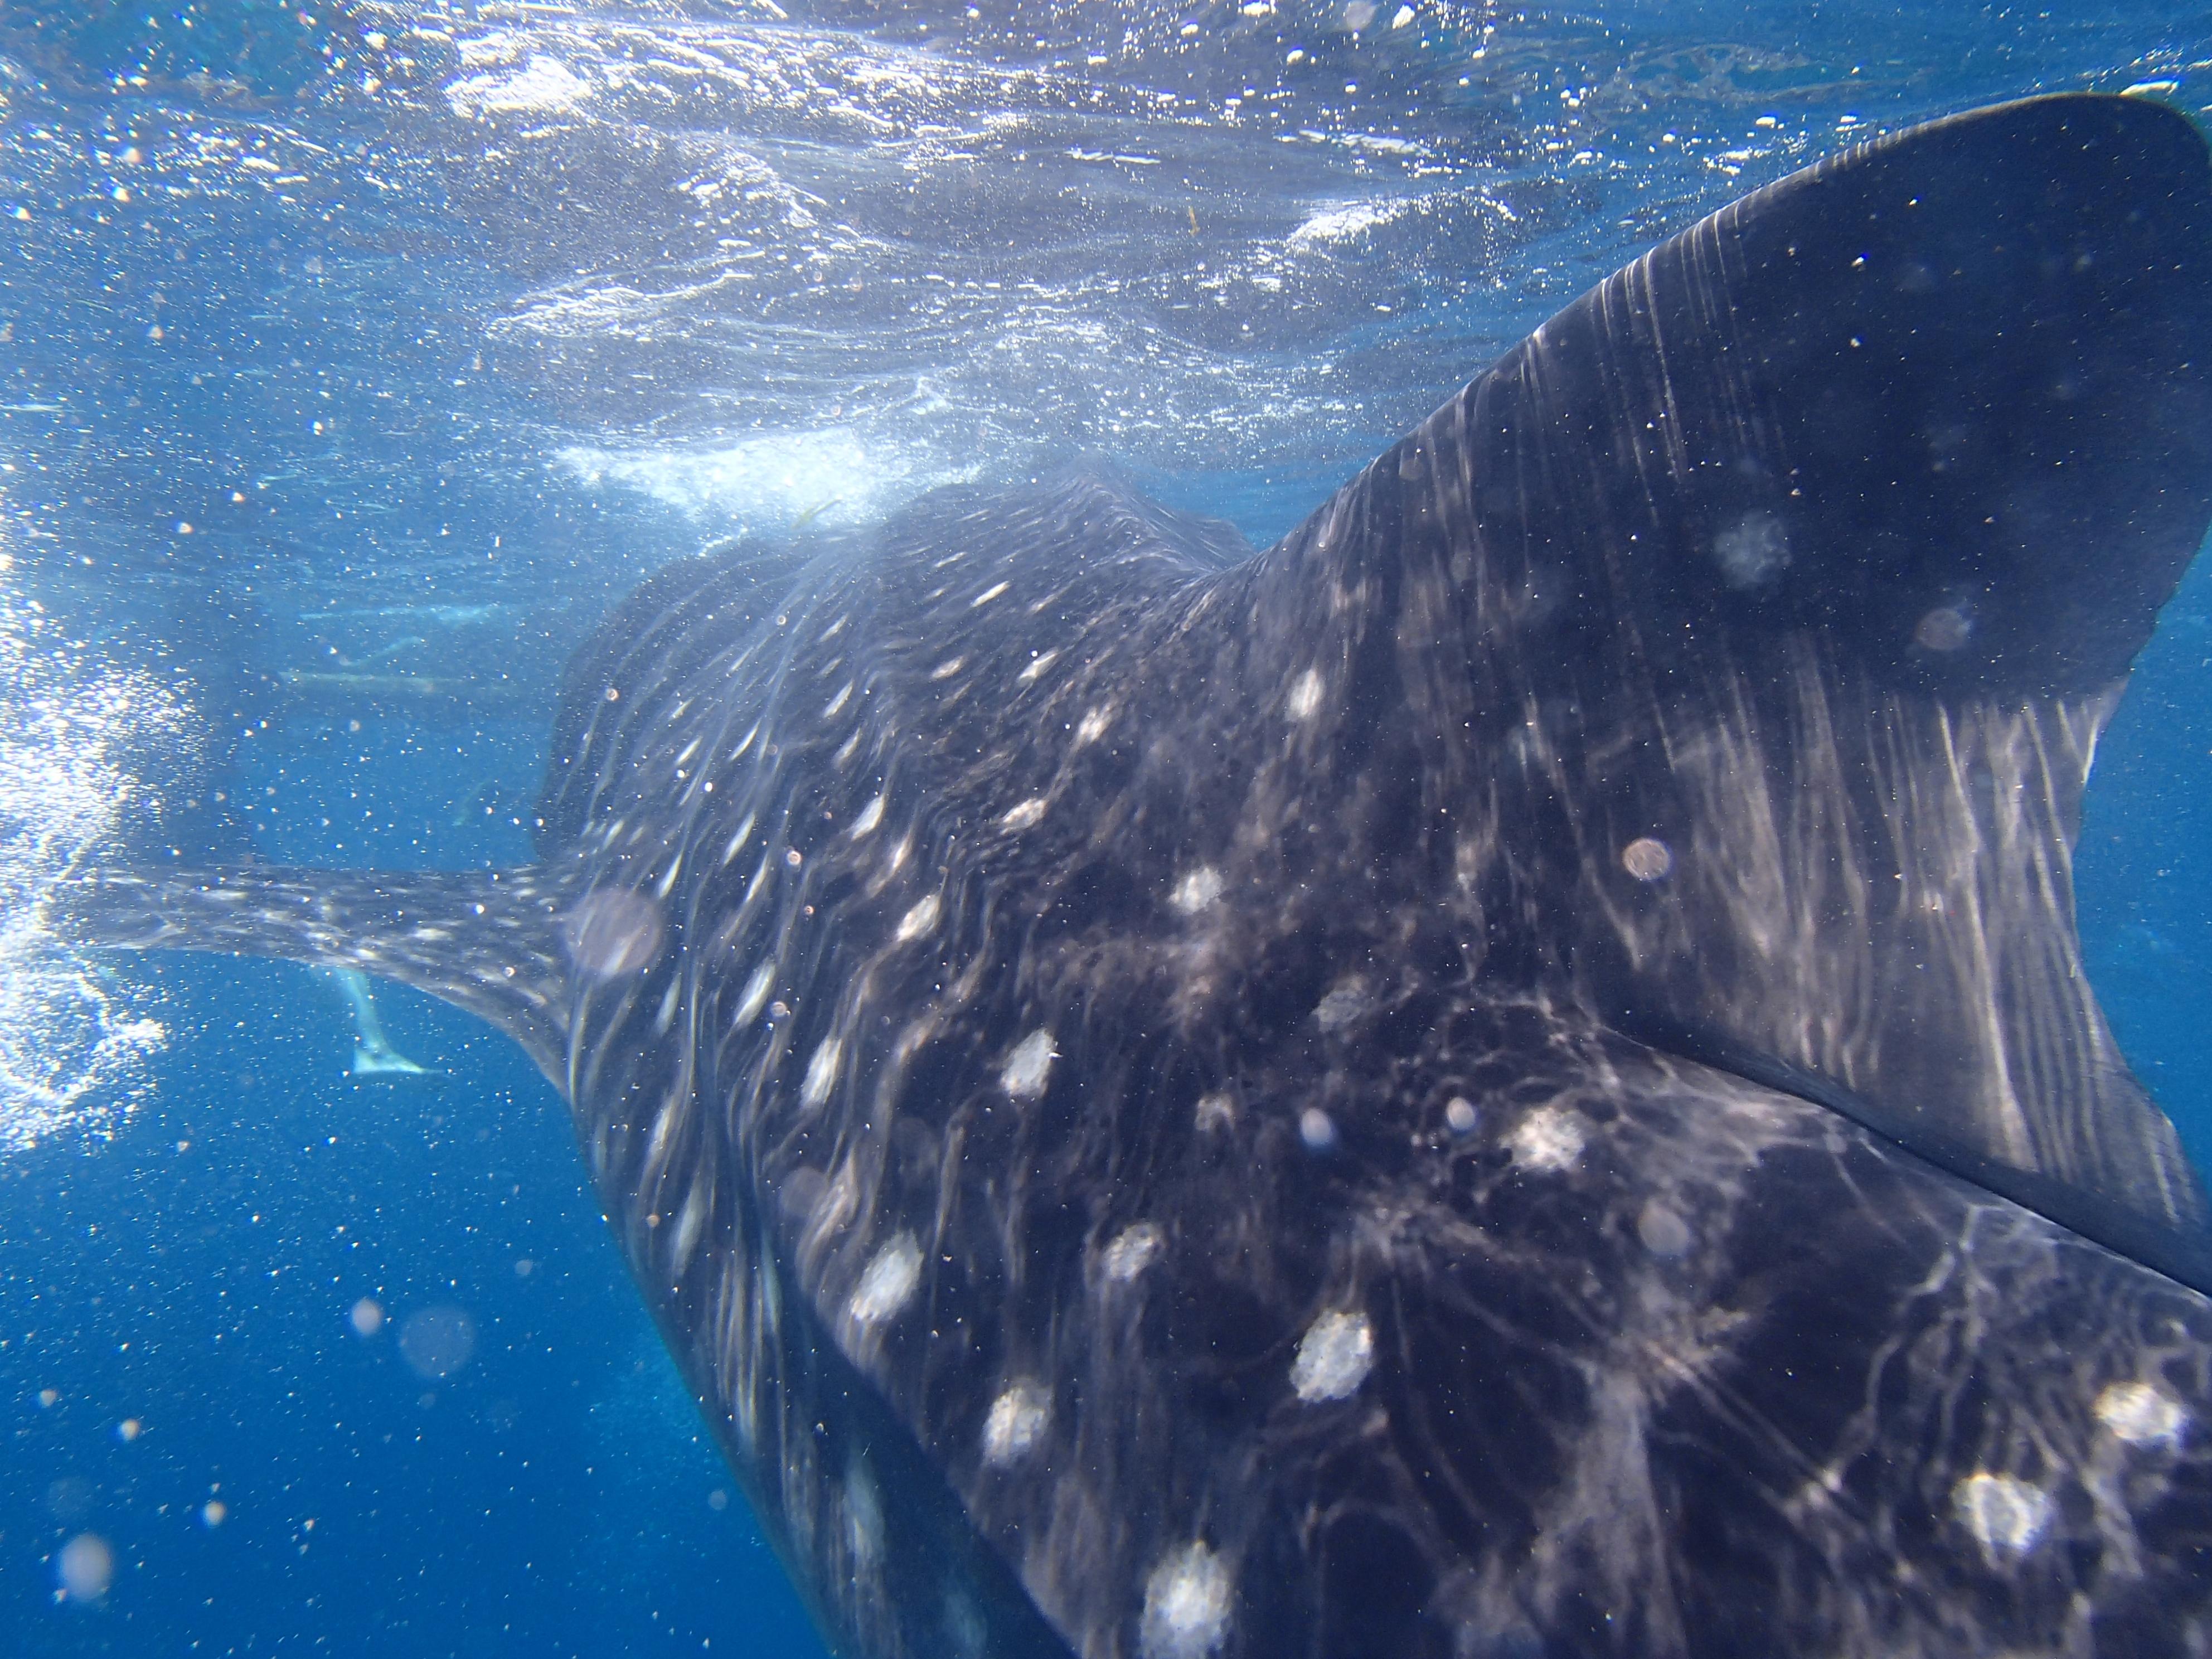 ジンベイザメの背びれ